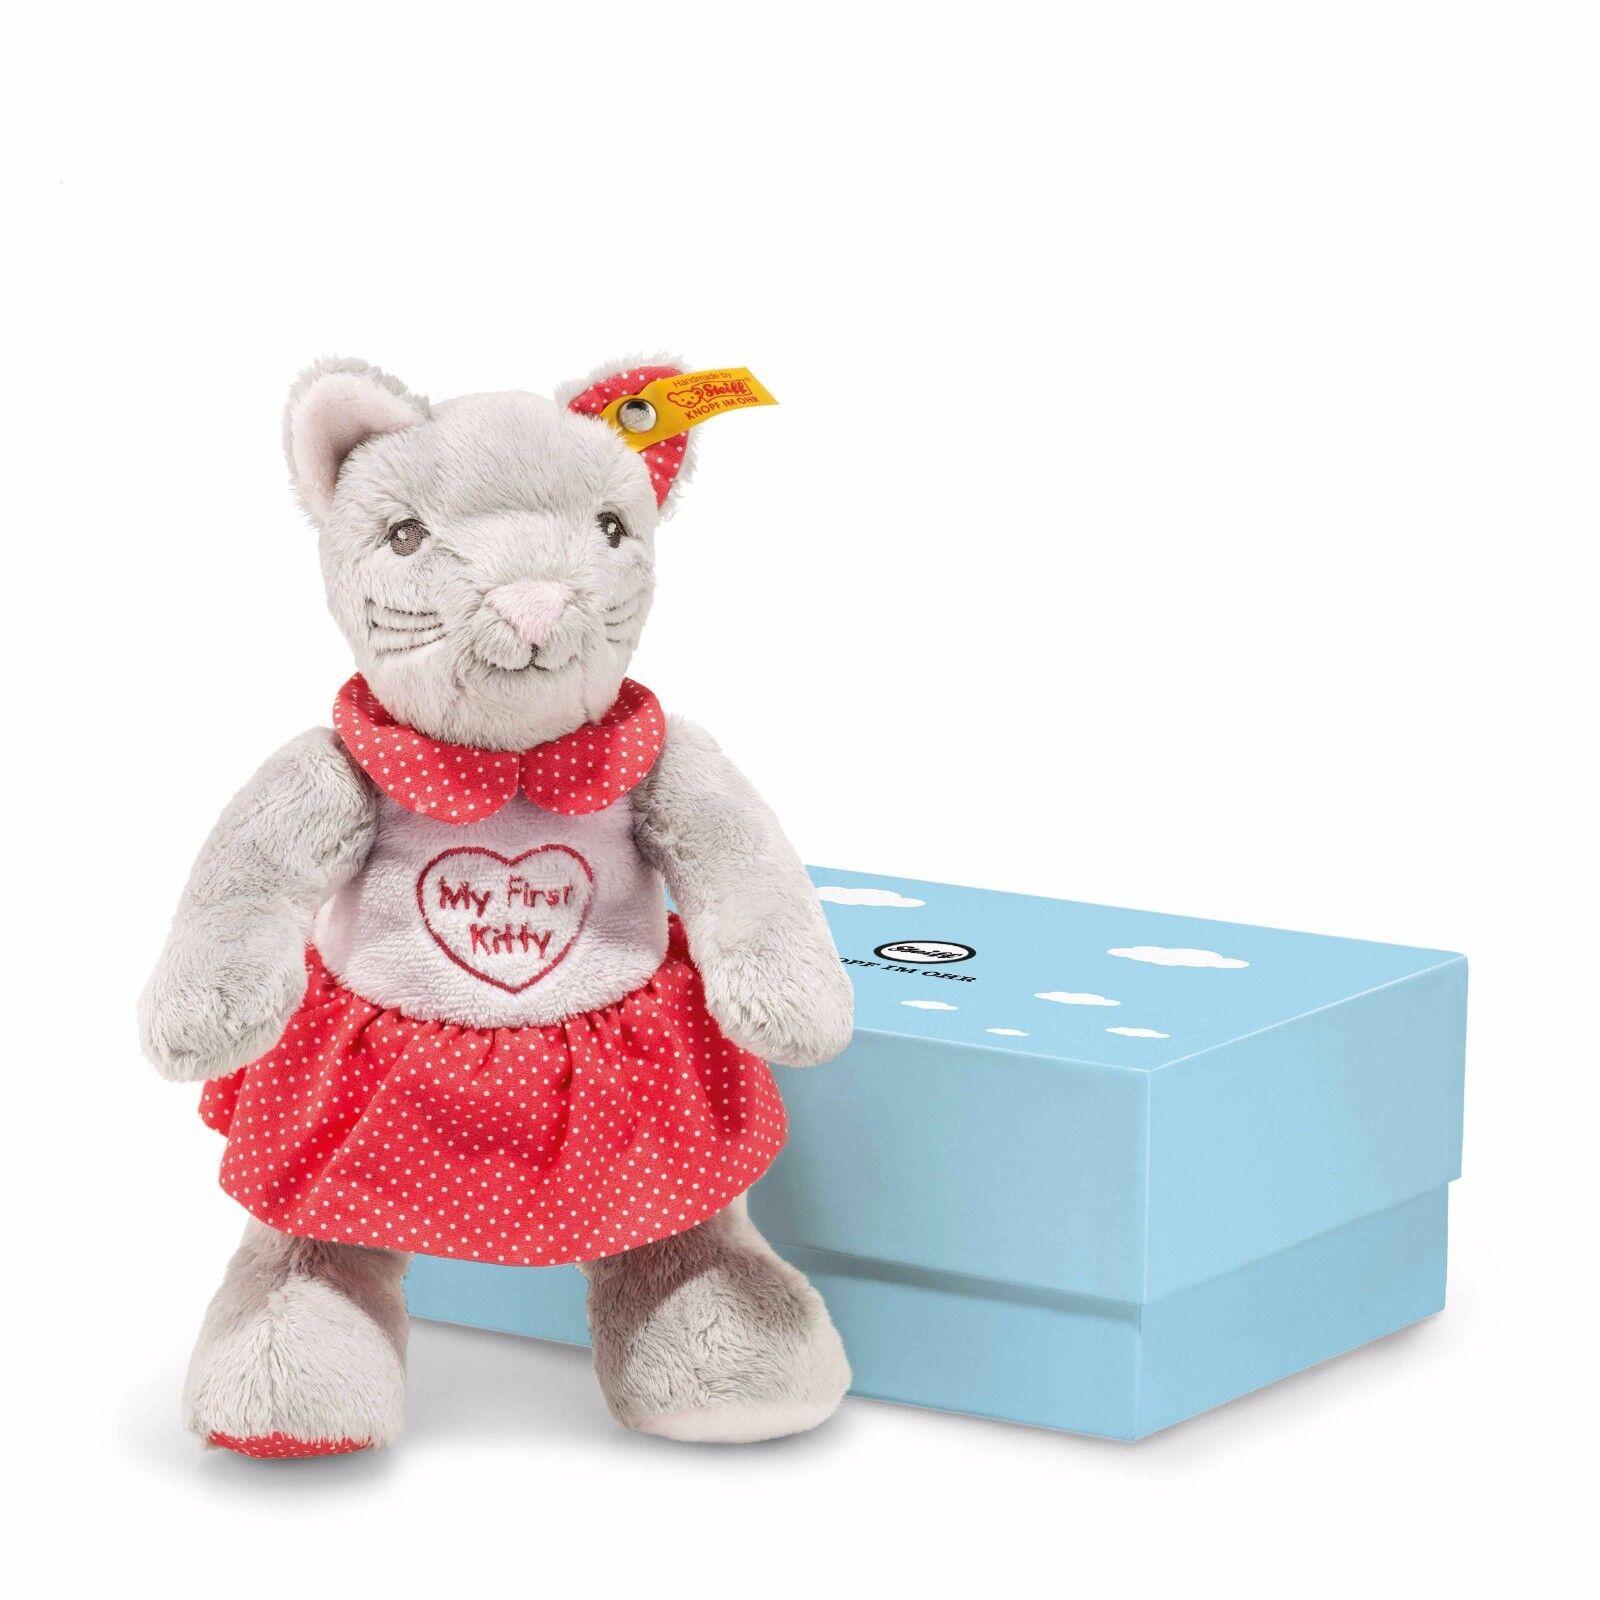 Steiff Steiff Steiff My first Steiff Katze mit Knisterfolie 23 cm in Geschenkbox e77550